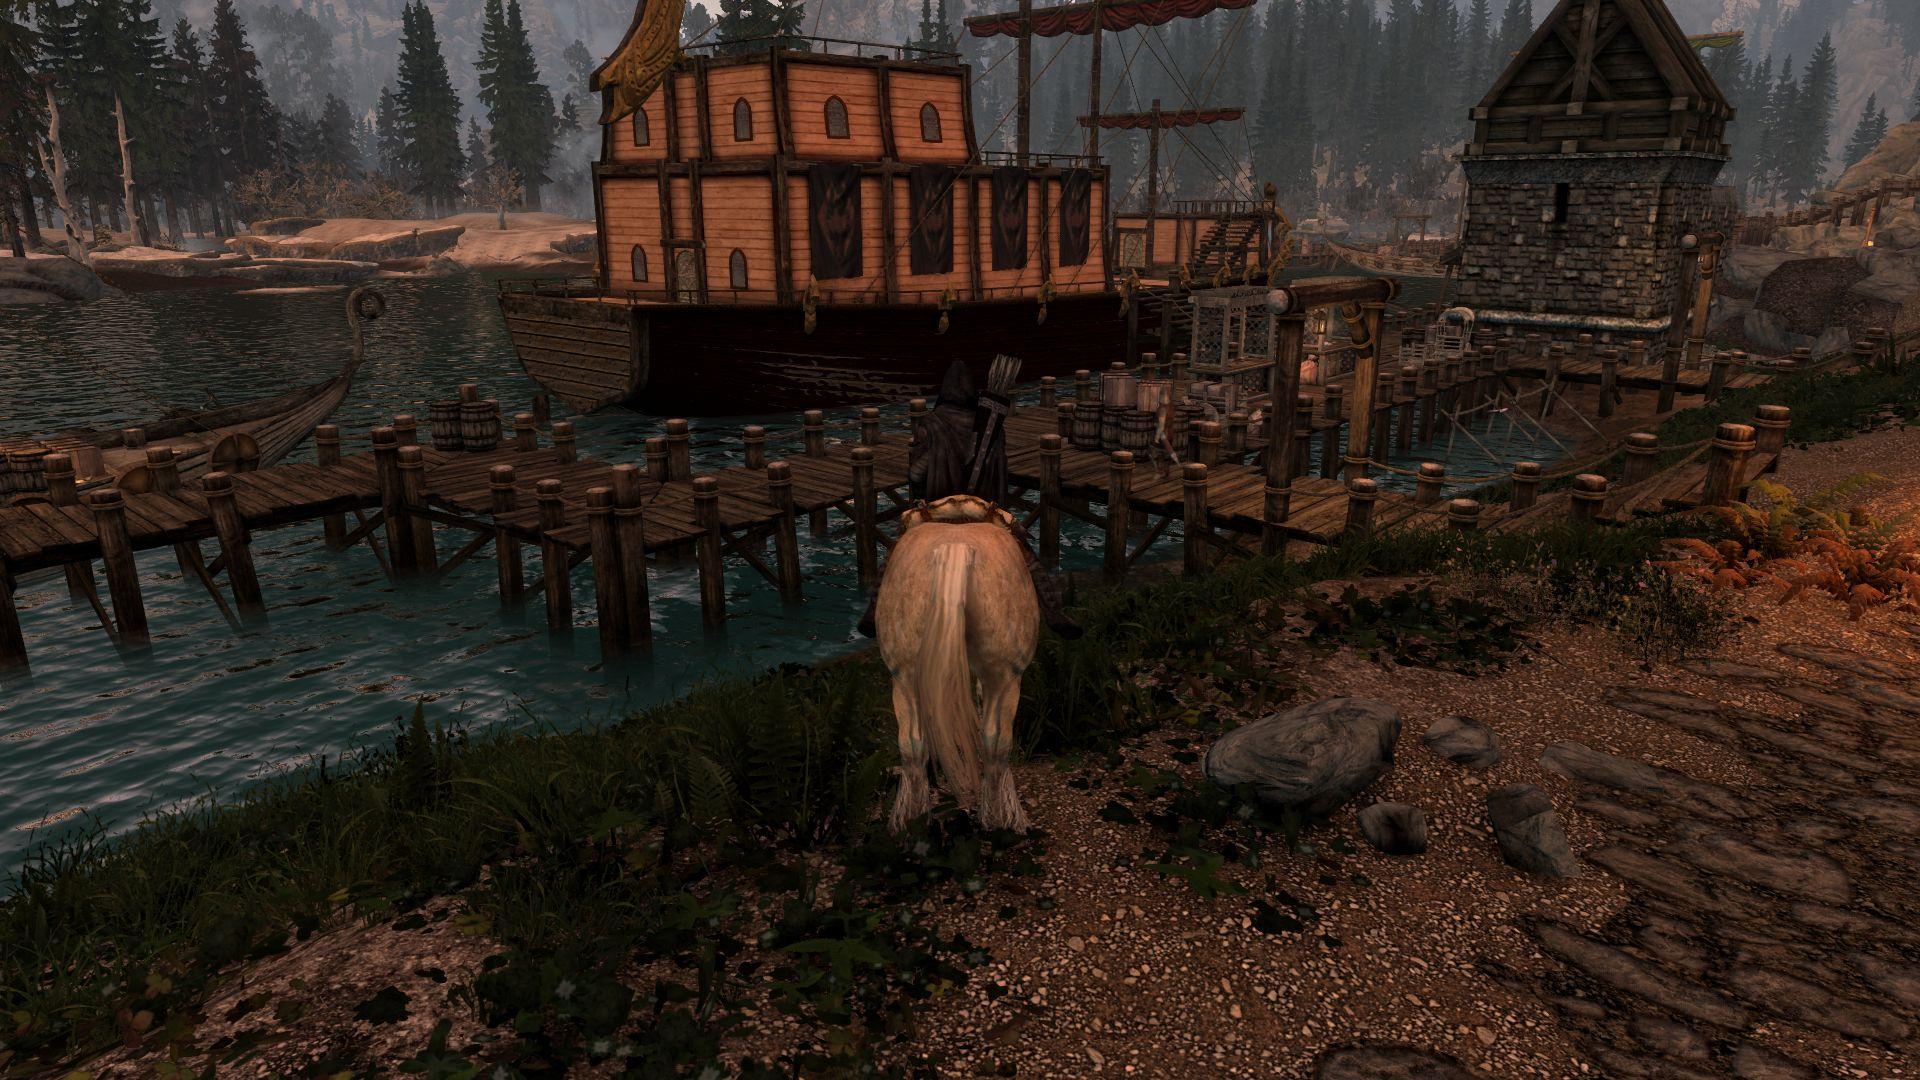 Einsamkeit Hafen mit der Northern Cardinal.jpg